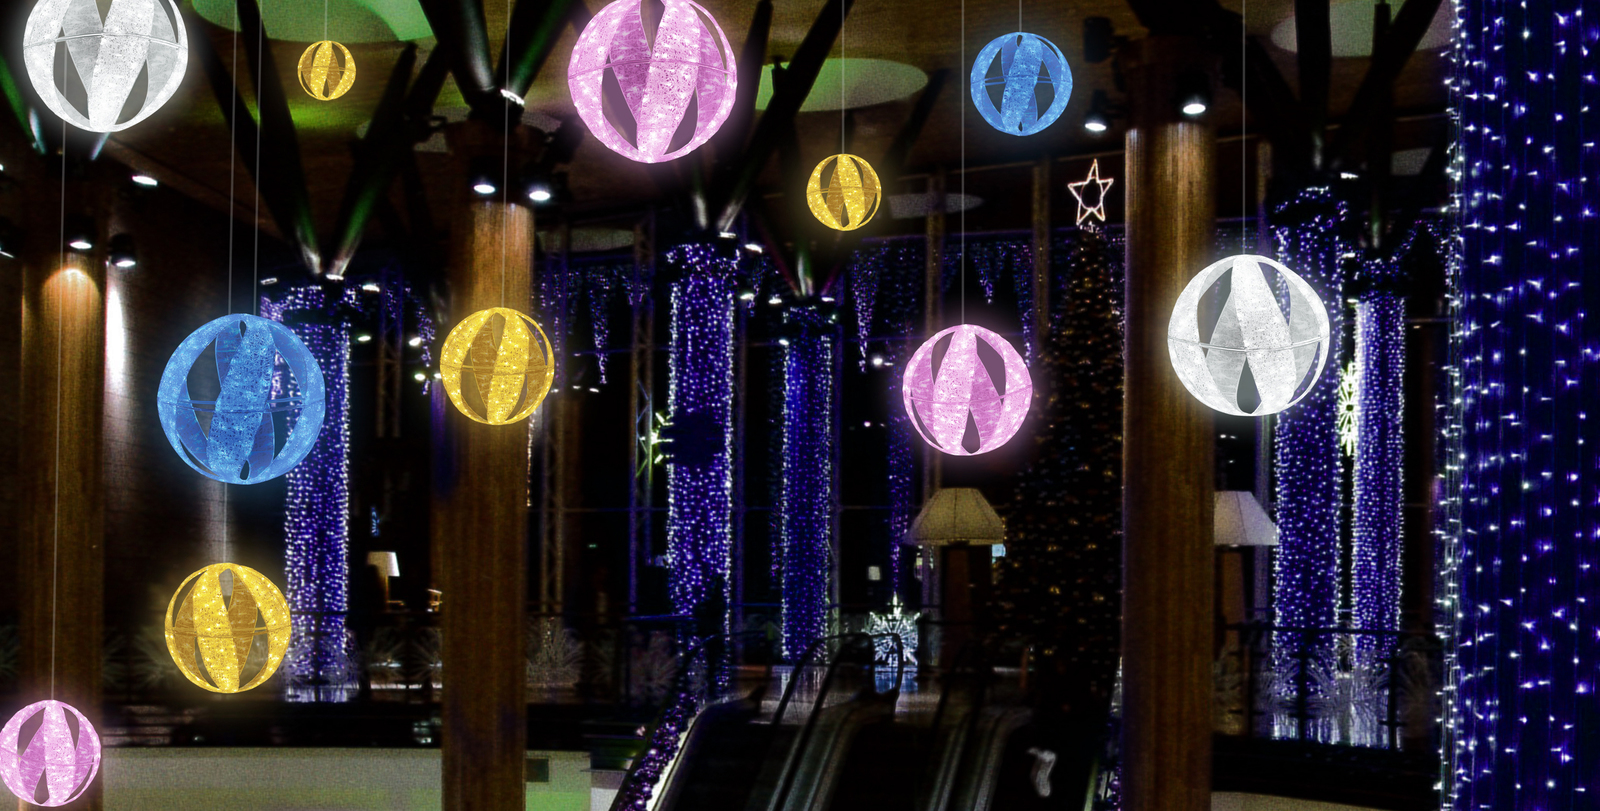 スパイラルボール(中)LEDクリスタルグロー【イルミネーション ライト 飾り デコレーション 電飾 オブジェ アンティーク おしゃれ かわいい】グッズ LED ディスプレイ